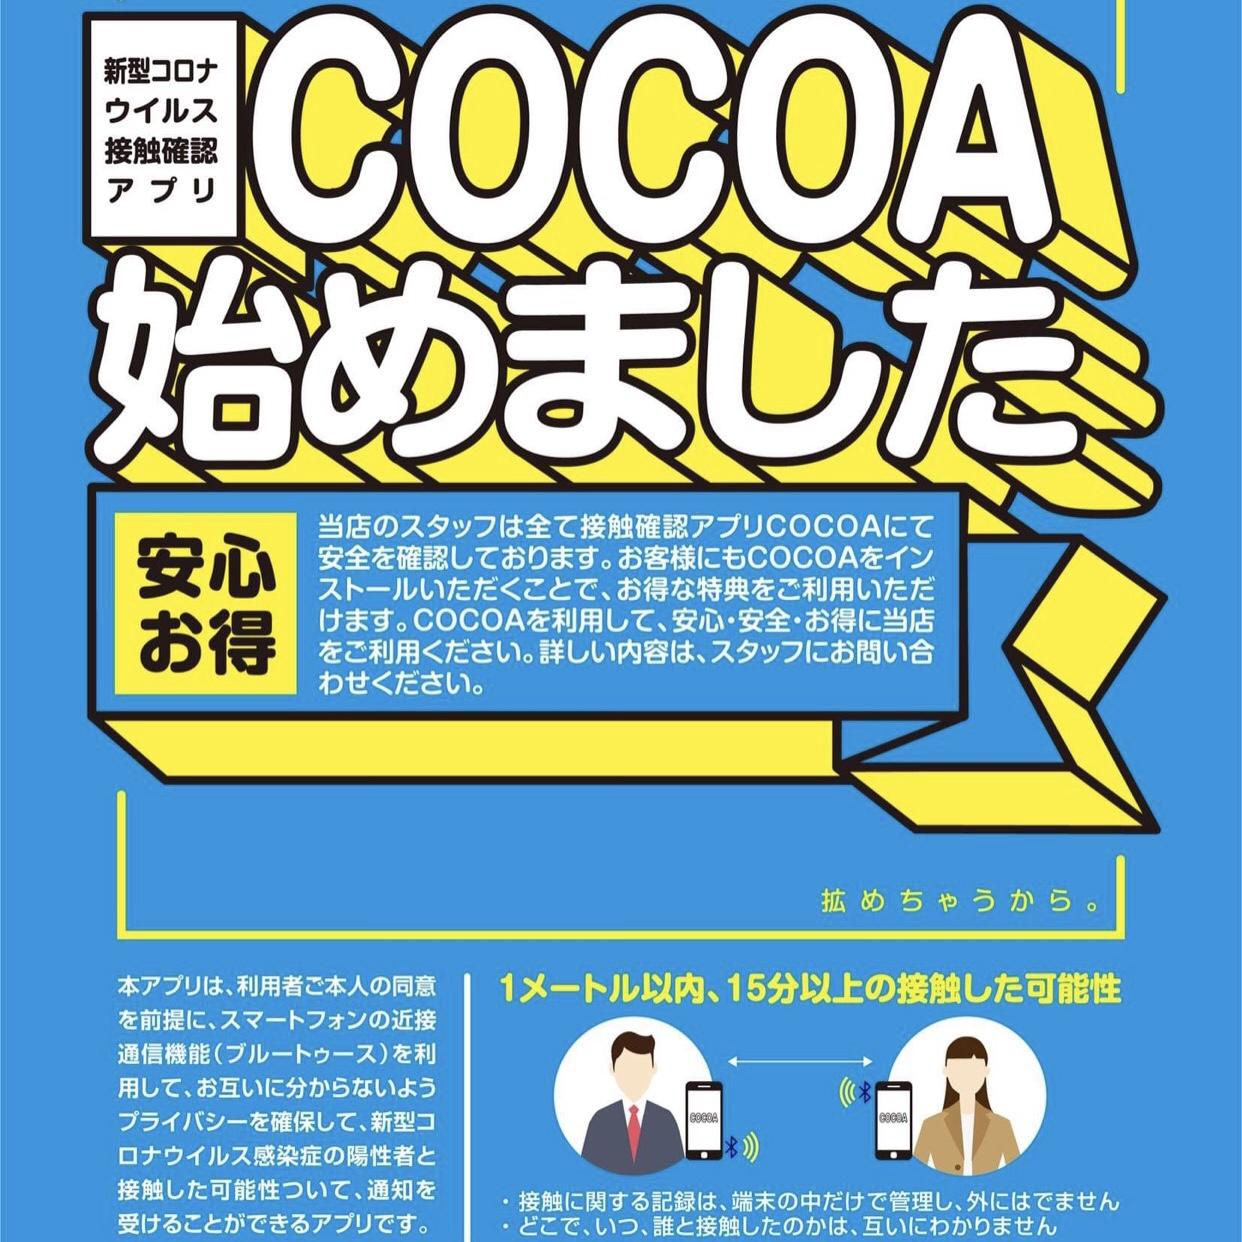 三本松商店会が取り組む「COCOAで日本一安心な地域づくり」